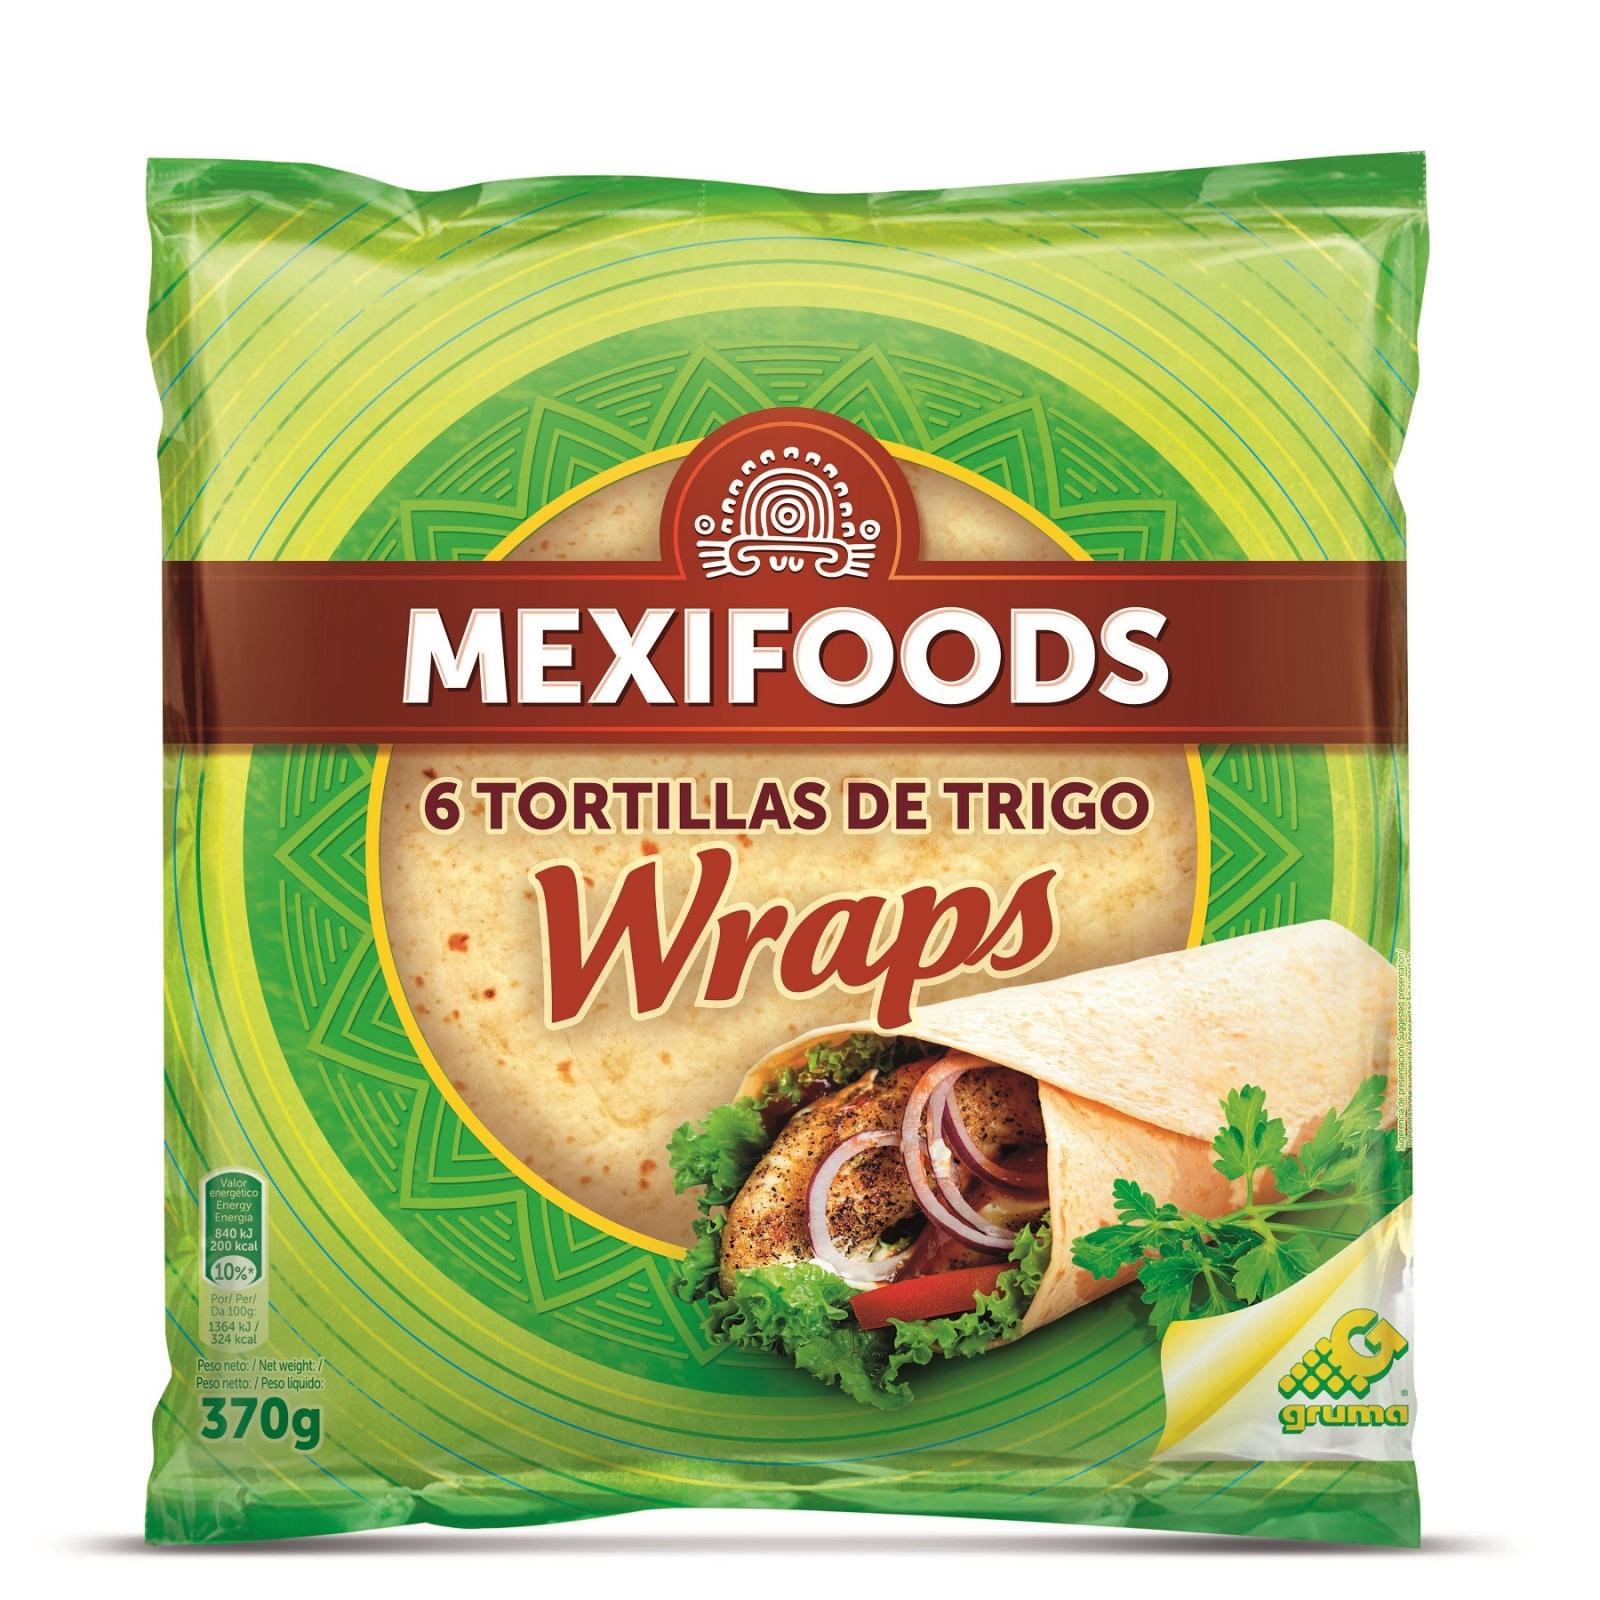 Tortillas de trigo Wraps Mexifoods 6 ud.